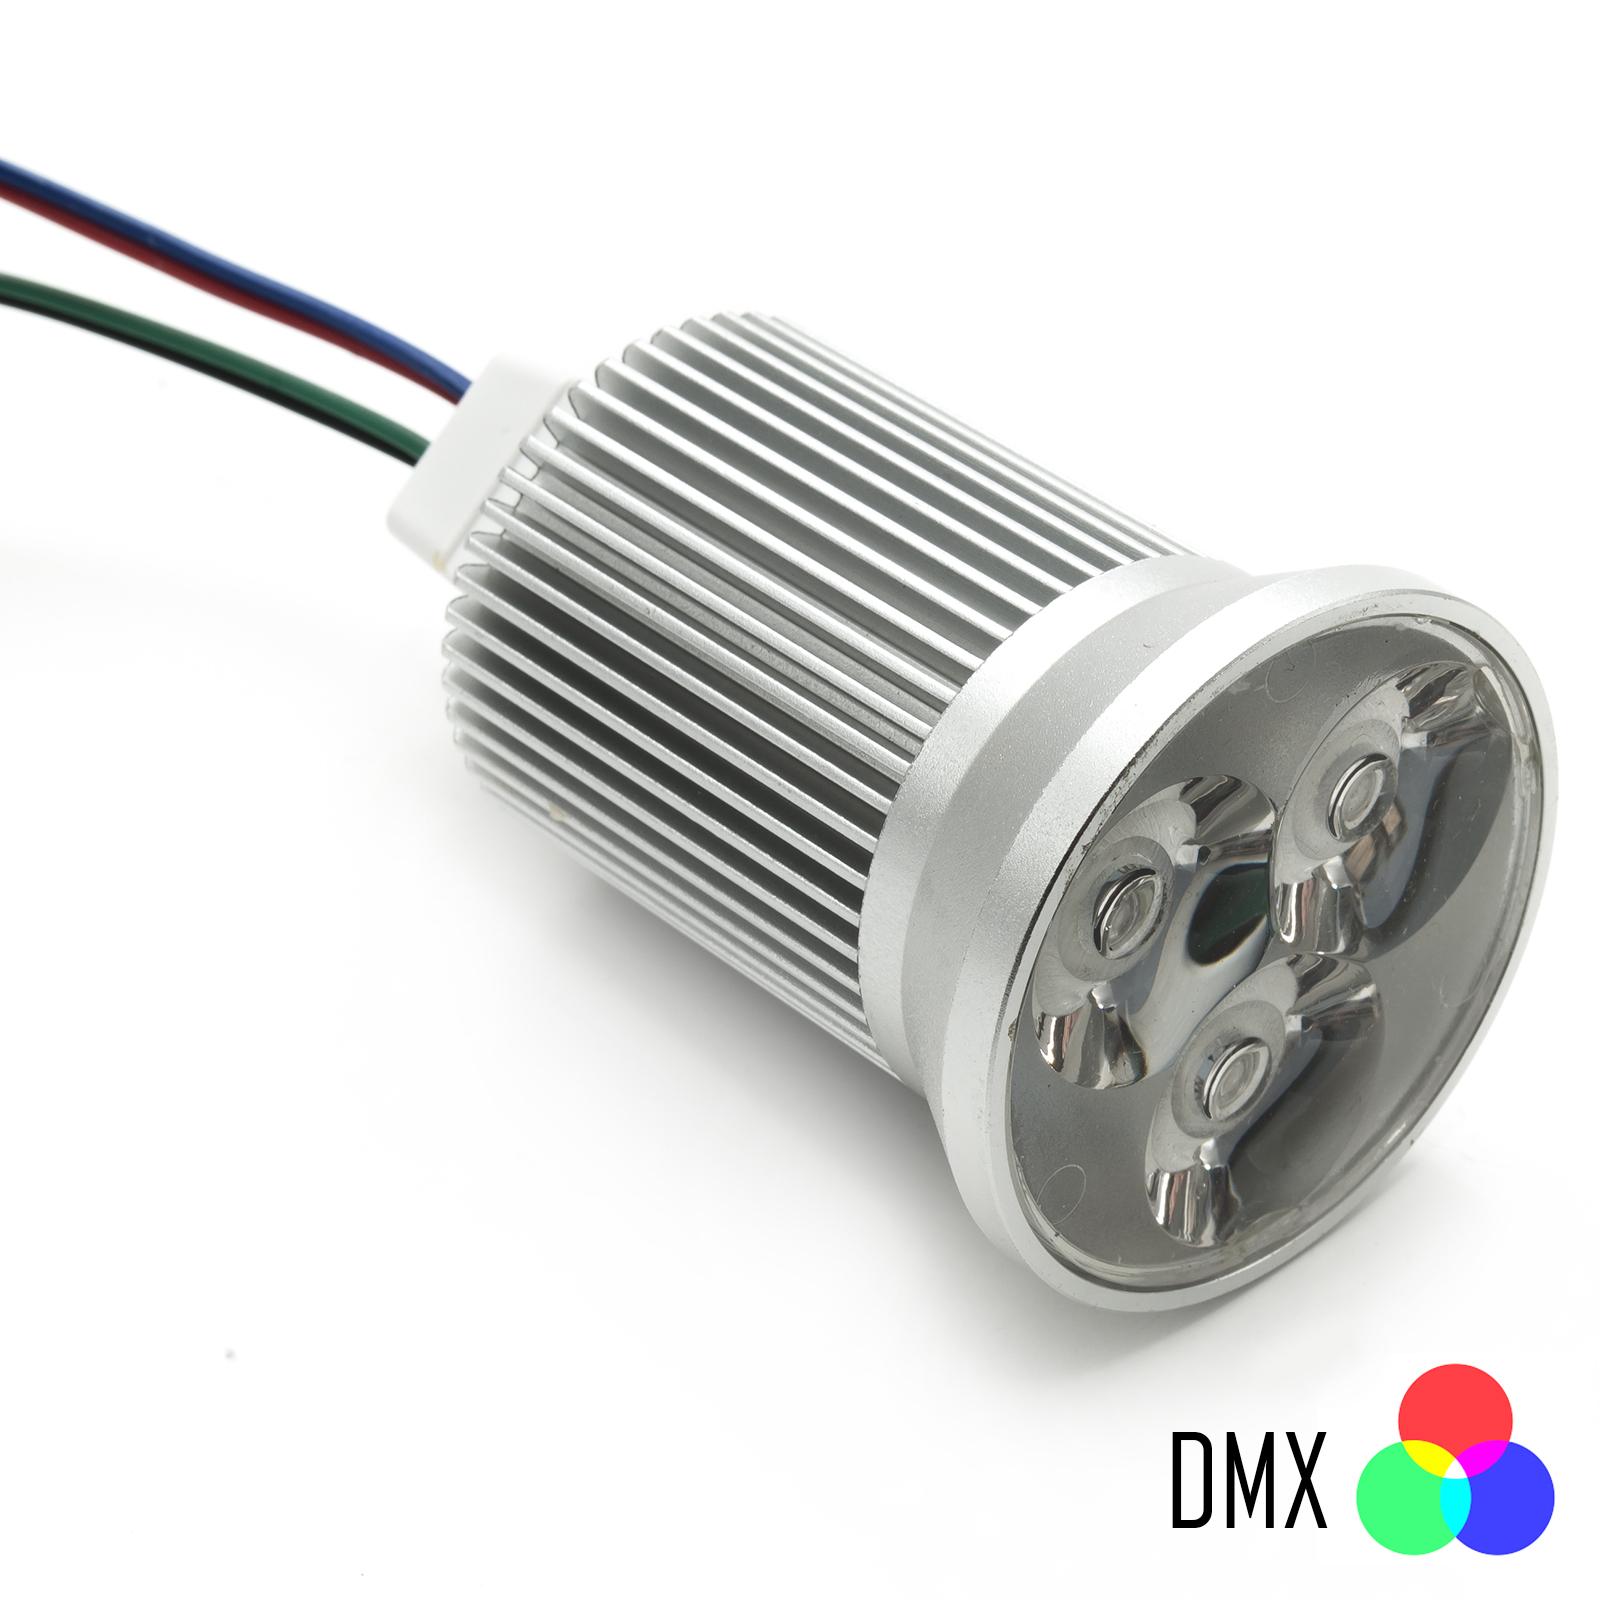 Lampada Per Faretto A Led.Faretto Led Rgb Dmx 9w Spot Sincronizzabile 12v 50mm Luce Lampada Cromoterapia 3x3w